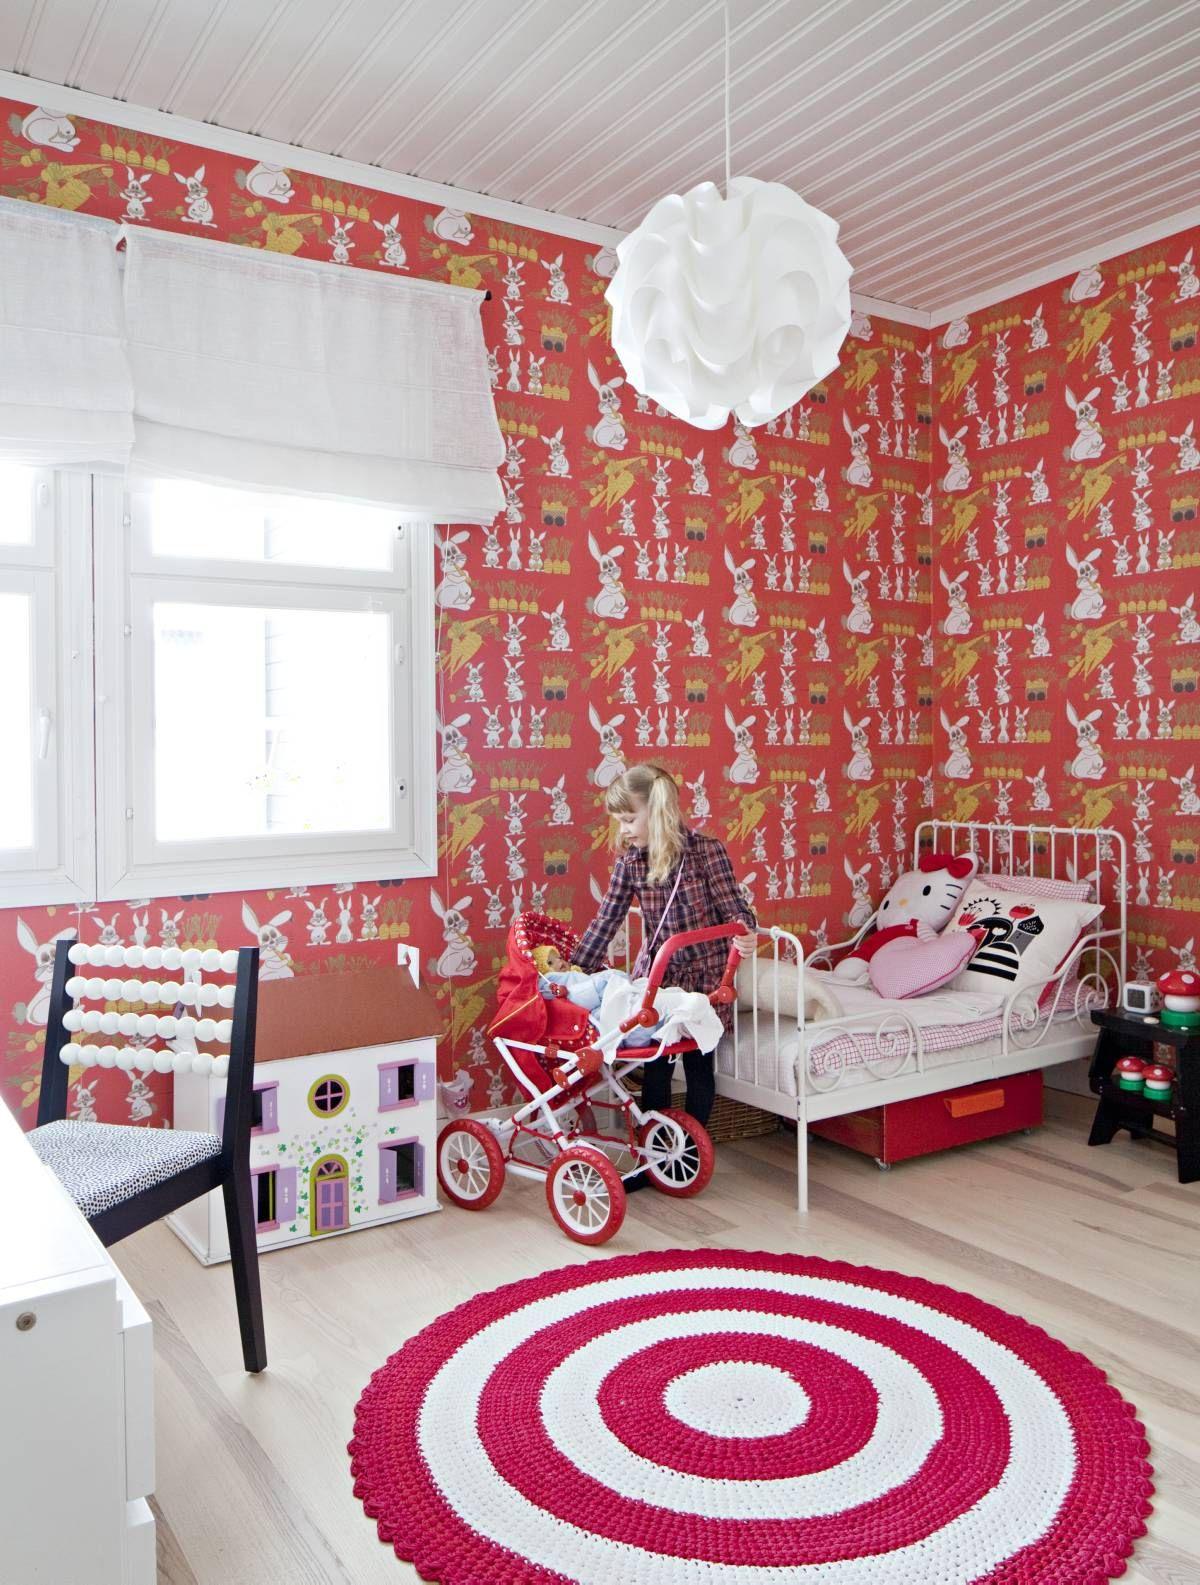 Vilman huoneessa on työpöytä ja vuode sekä säilytystilaa leluille ja vaatteille. Syvänpunainen Jänis istui maassa -pupu-tapetti on Tapettitalosta ja raikkaan näköinen tyynykuosi Darling Clementinen. Hierovalla selkänojalla varustettu tuoli on suunnittelutoimisto Elsan eli Eeva Lithoviuksen ideoima. Riikka-Marin suunnitteleman maton toteutti paikallinen käsityöläinen.